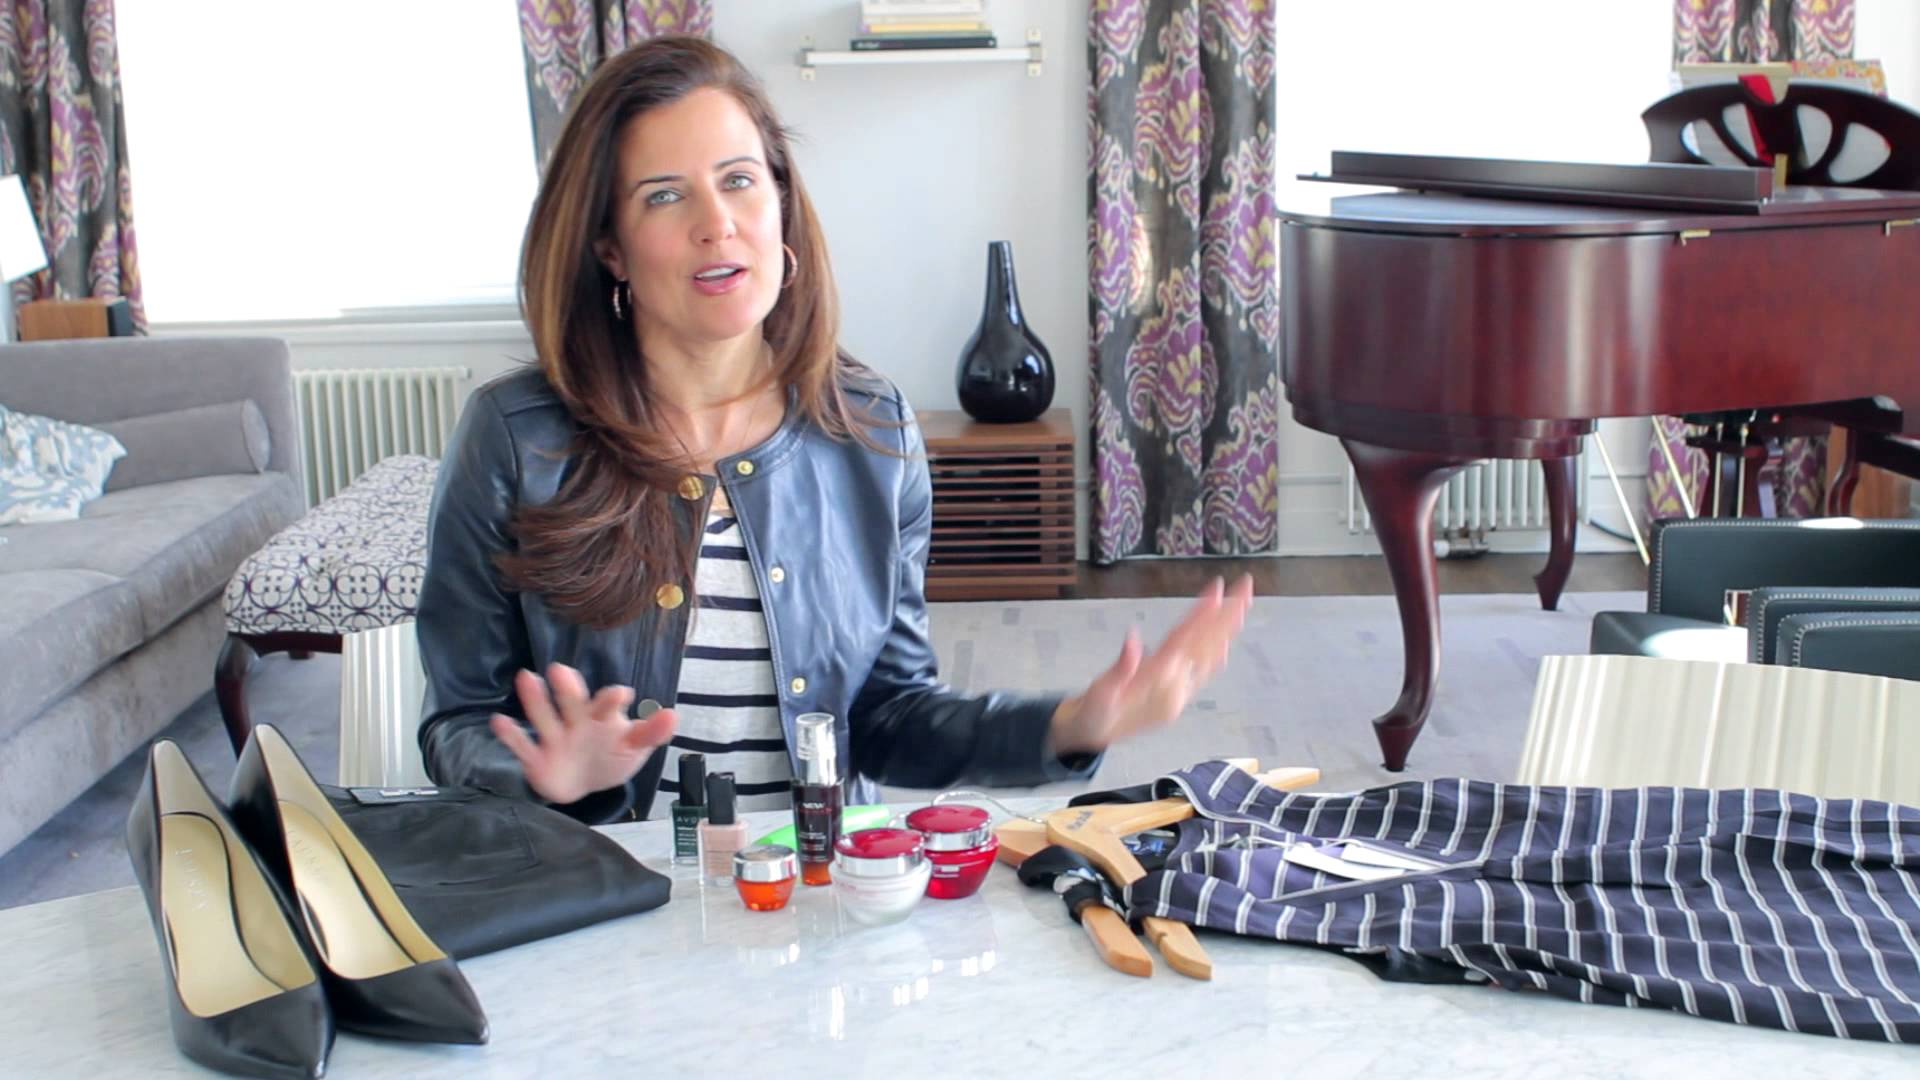 Топ модни съвети и съвети за красота